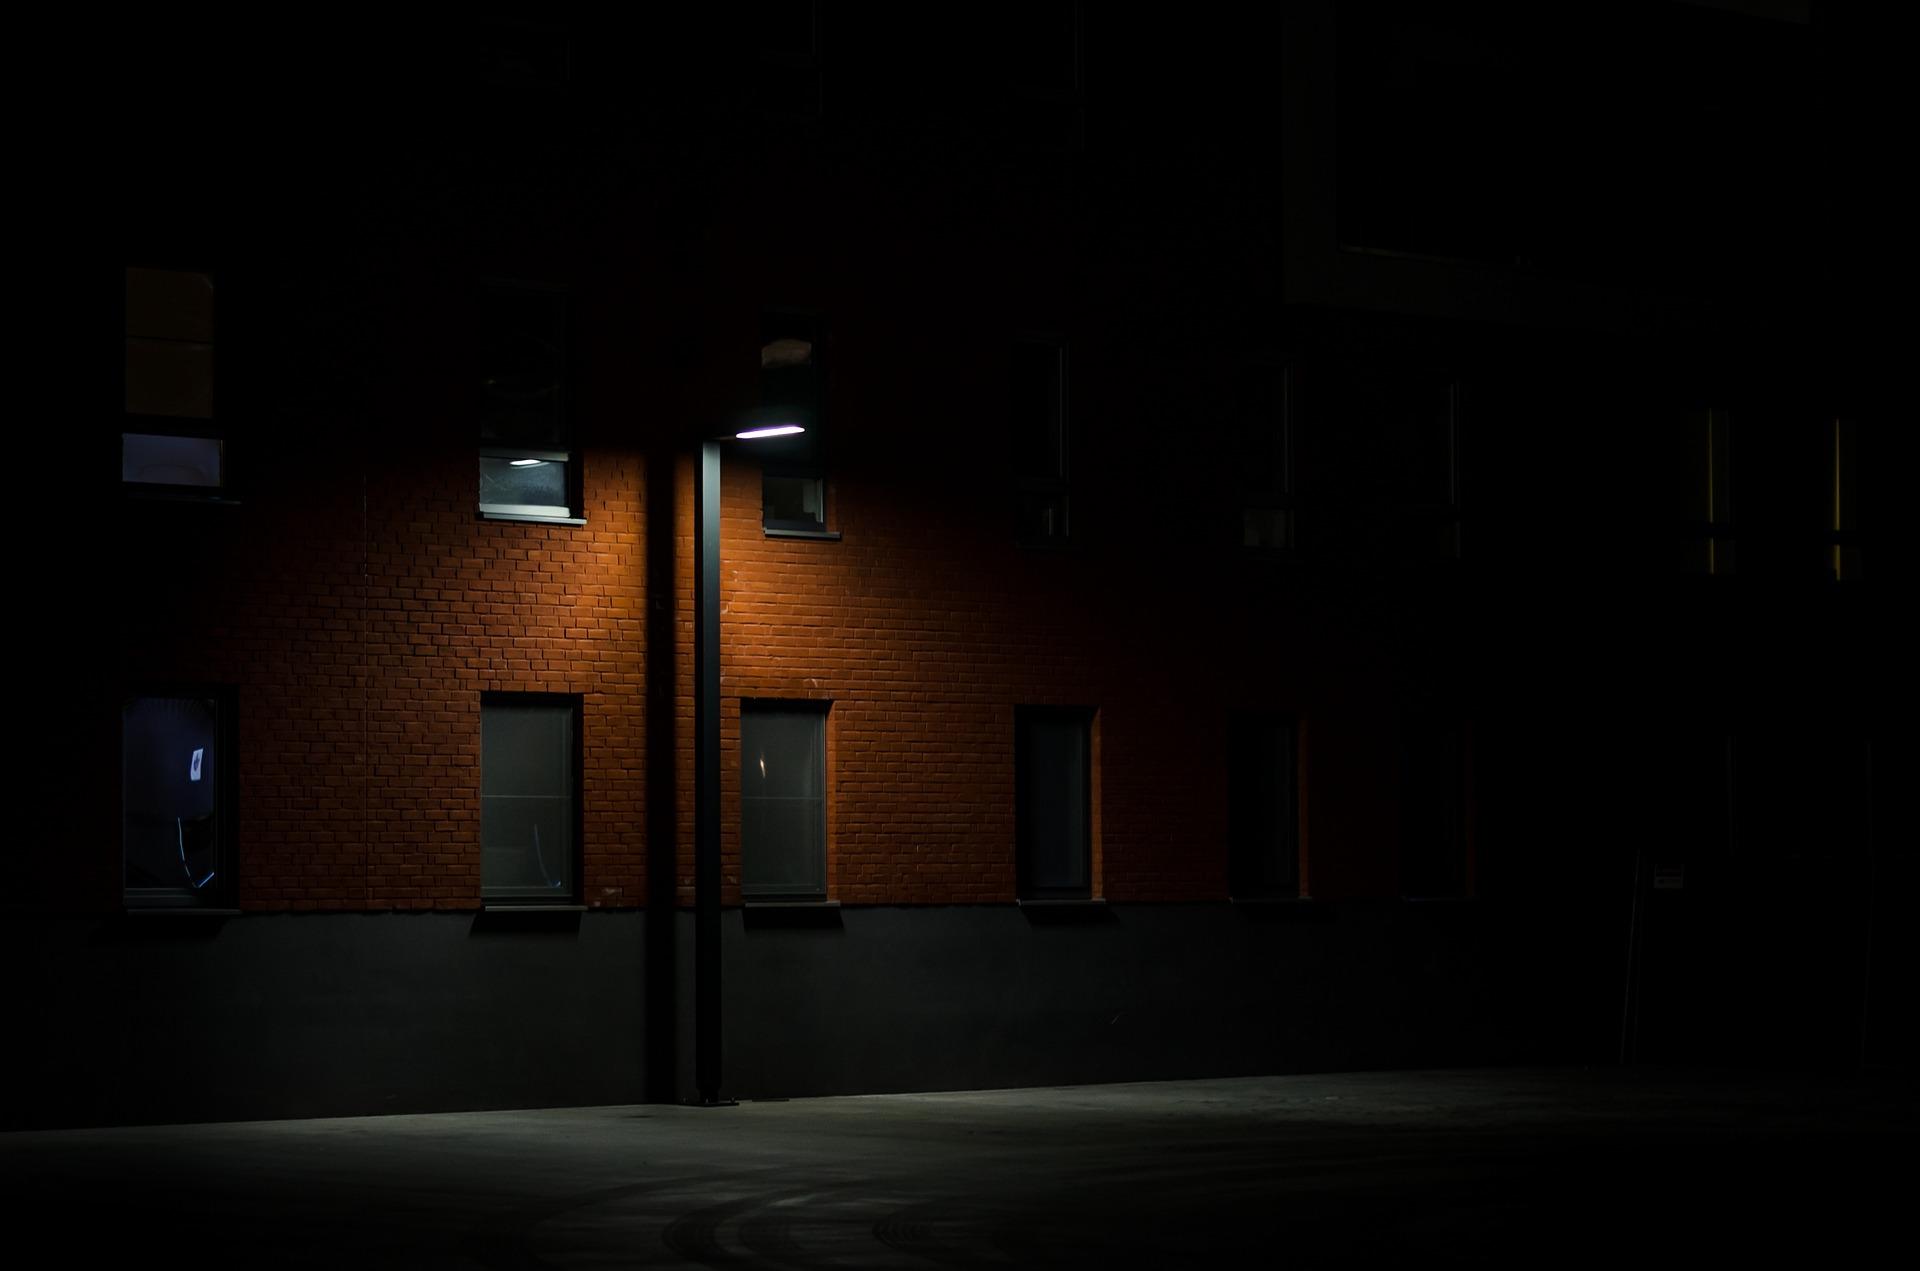 Sukčiai gyventojams skambina apsimesdami pastatų priežiūros specialistais ir taip siekia patekti į jų butus.